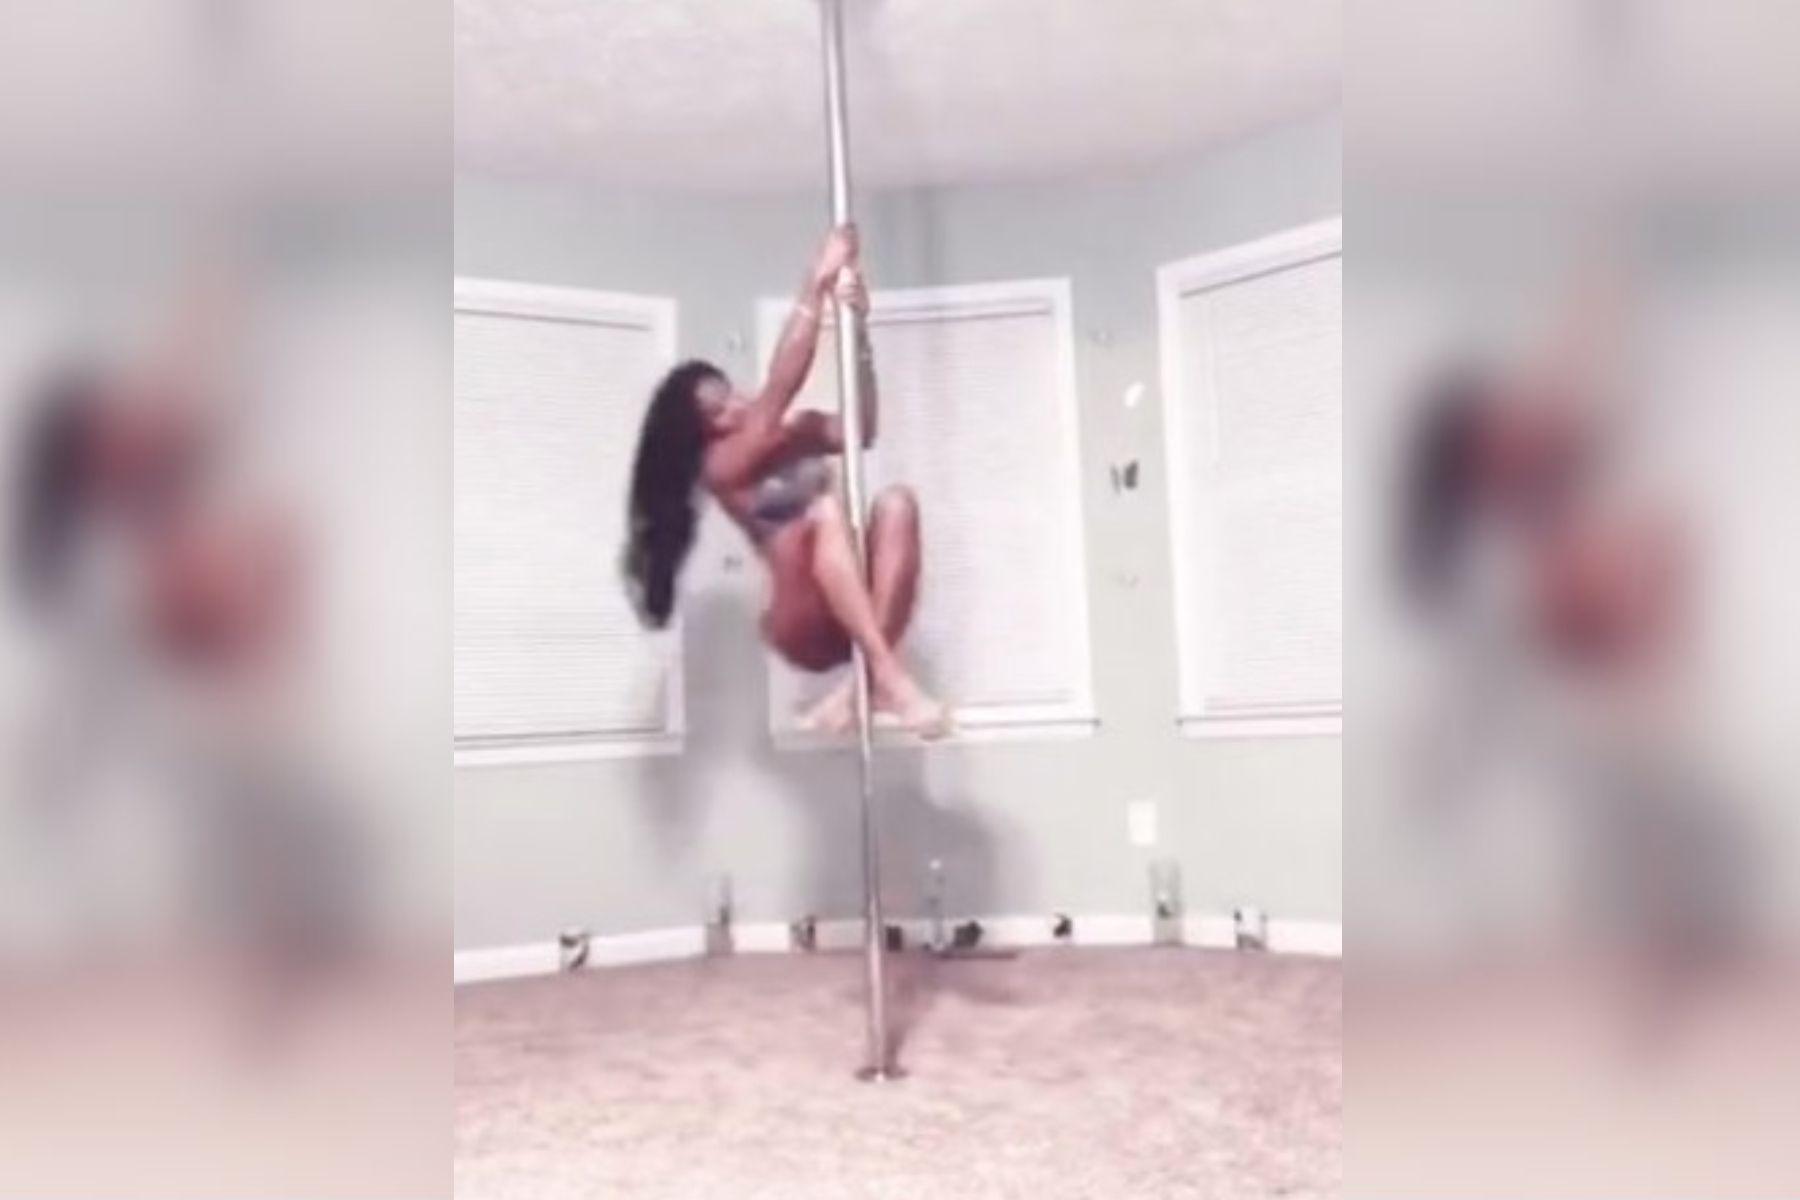 Despiden a una profesora de secundaria que se grabó bailando en el caño